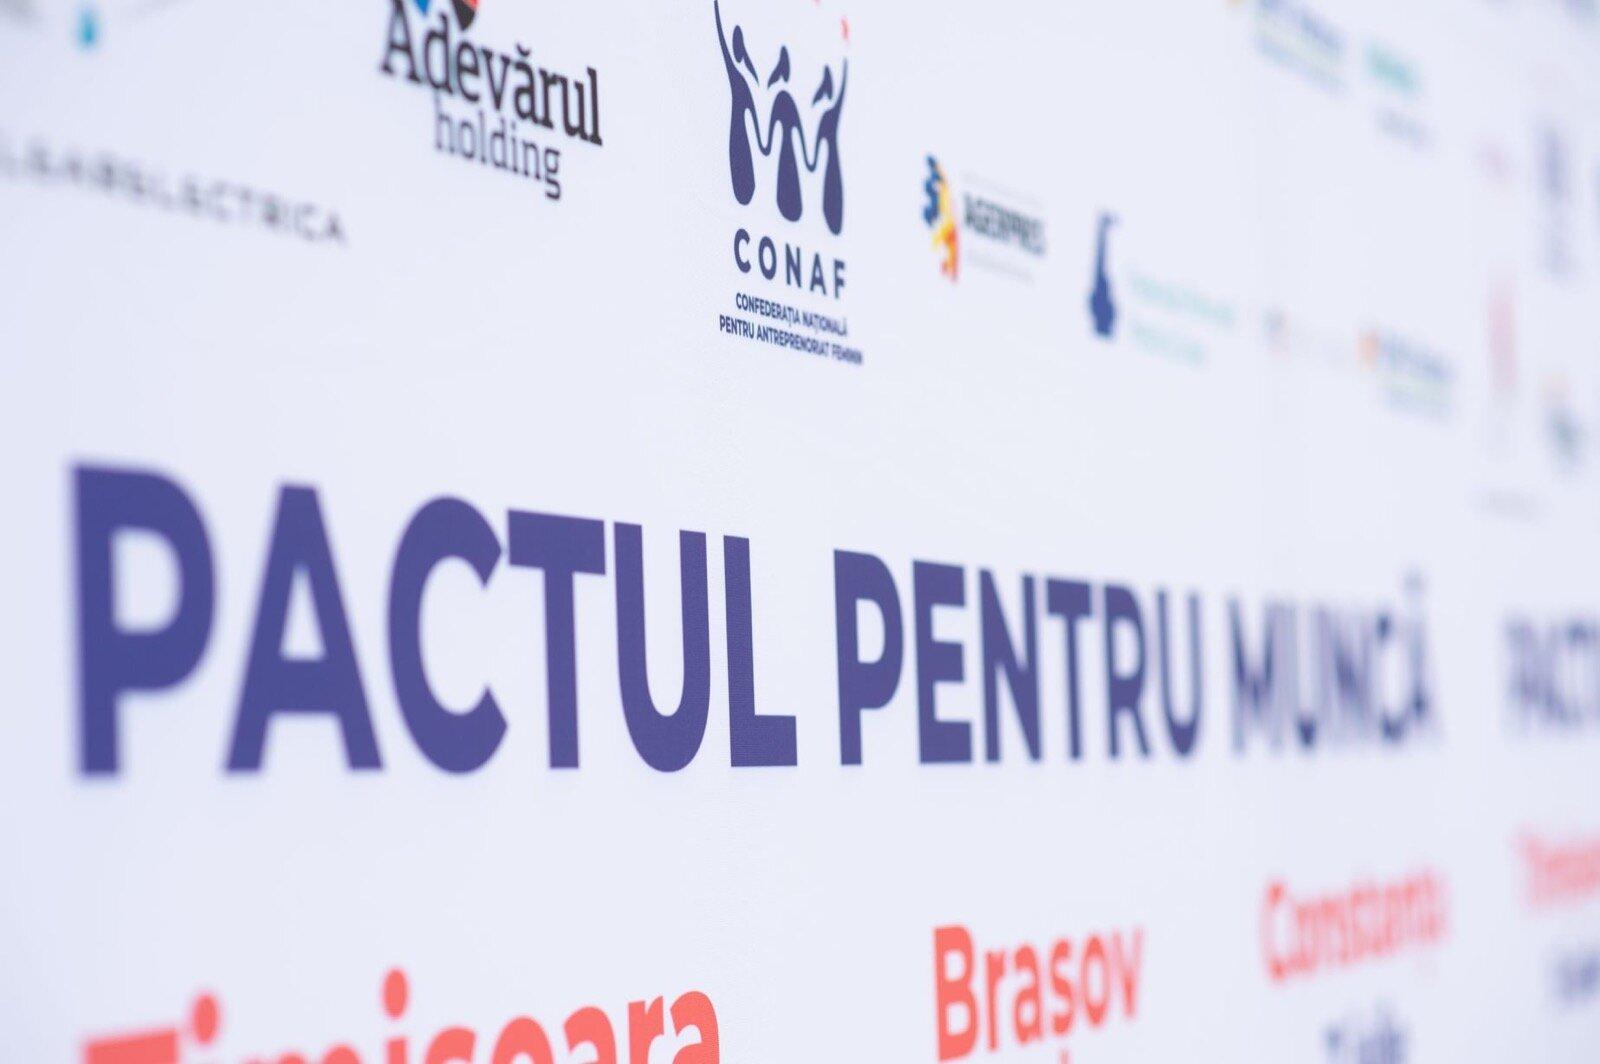 PACTUL PENTRU MUNCĂ - consultări cu partidele politice